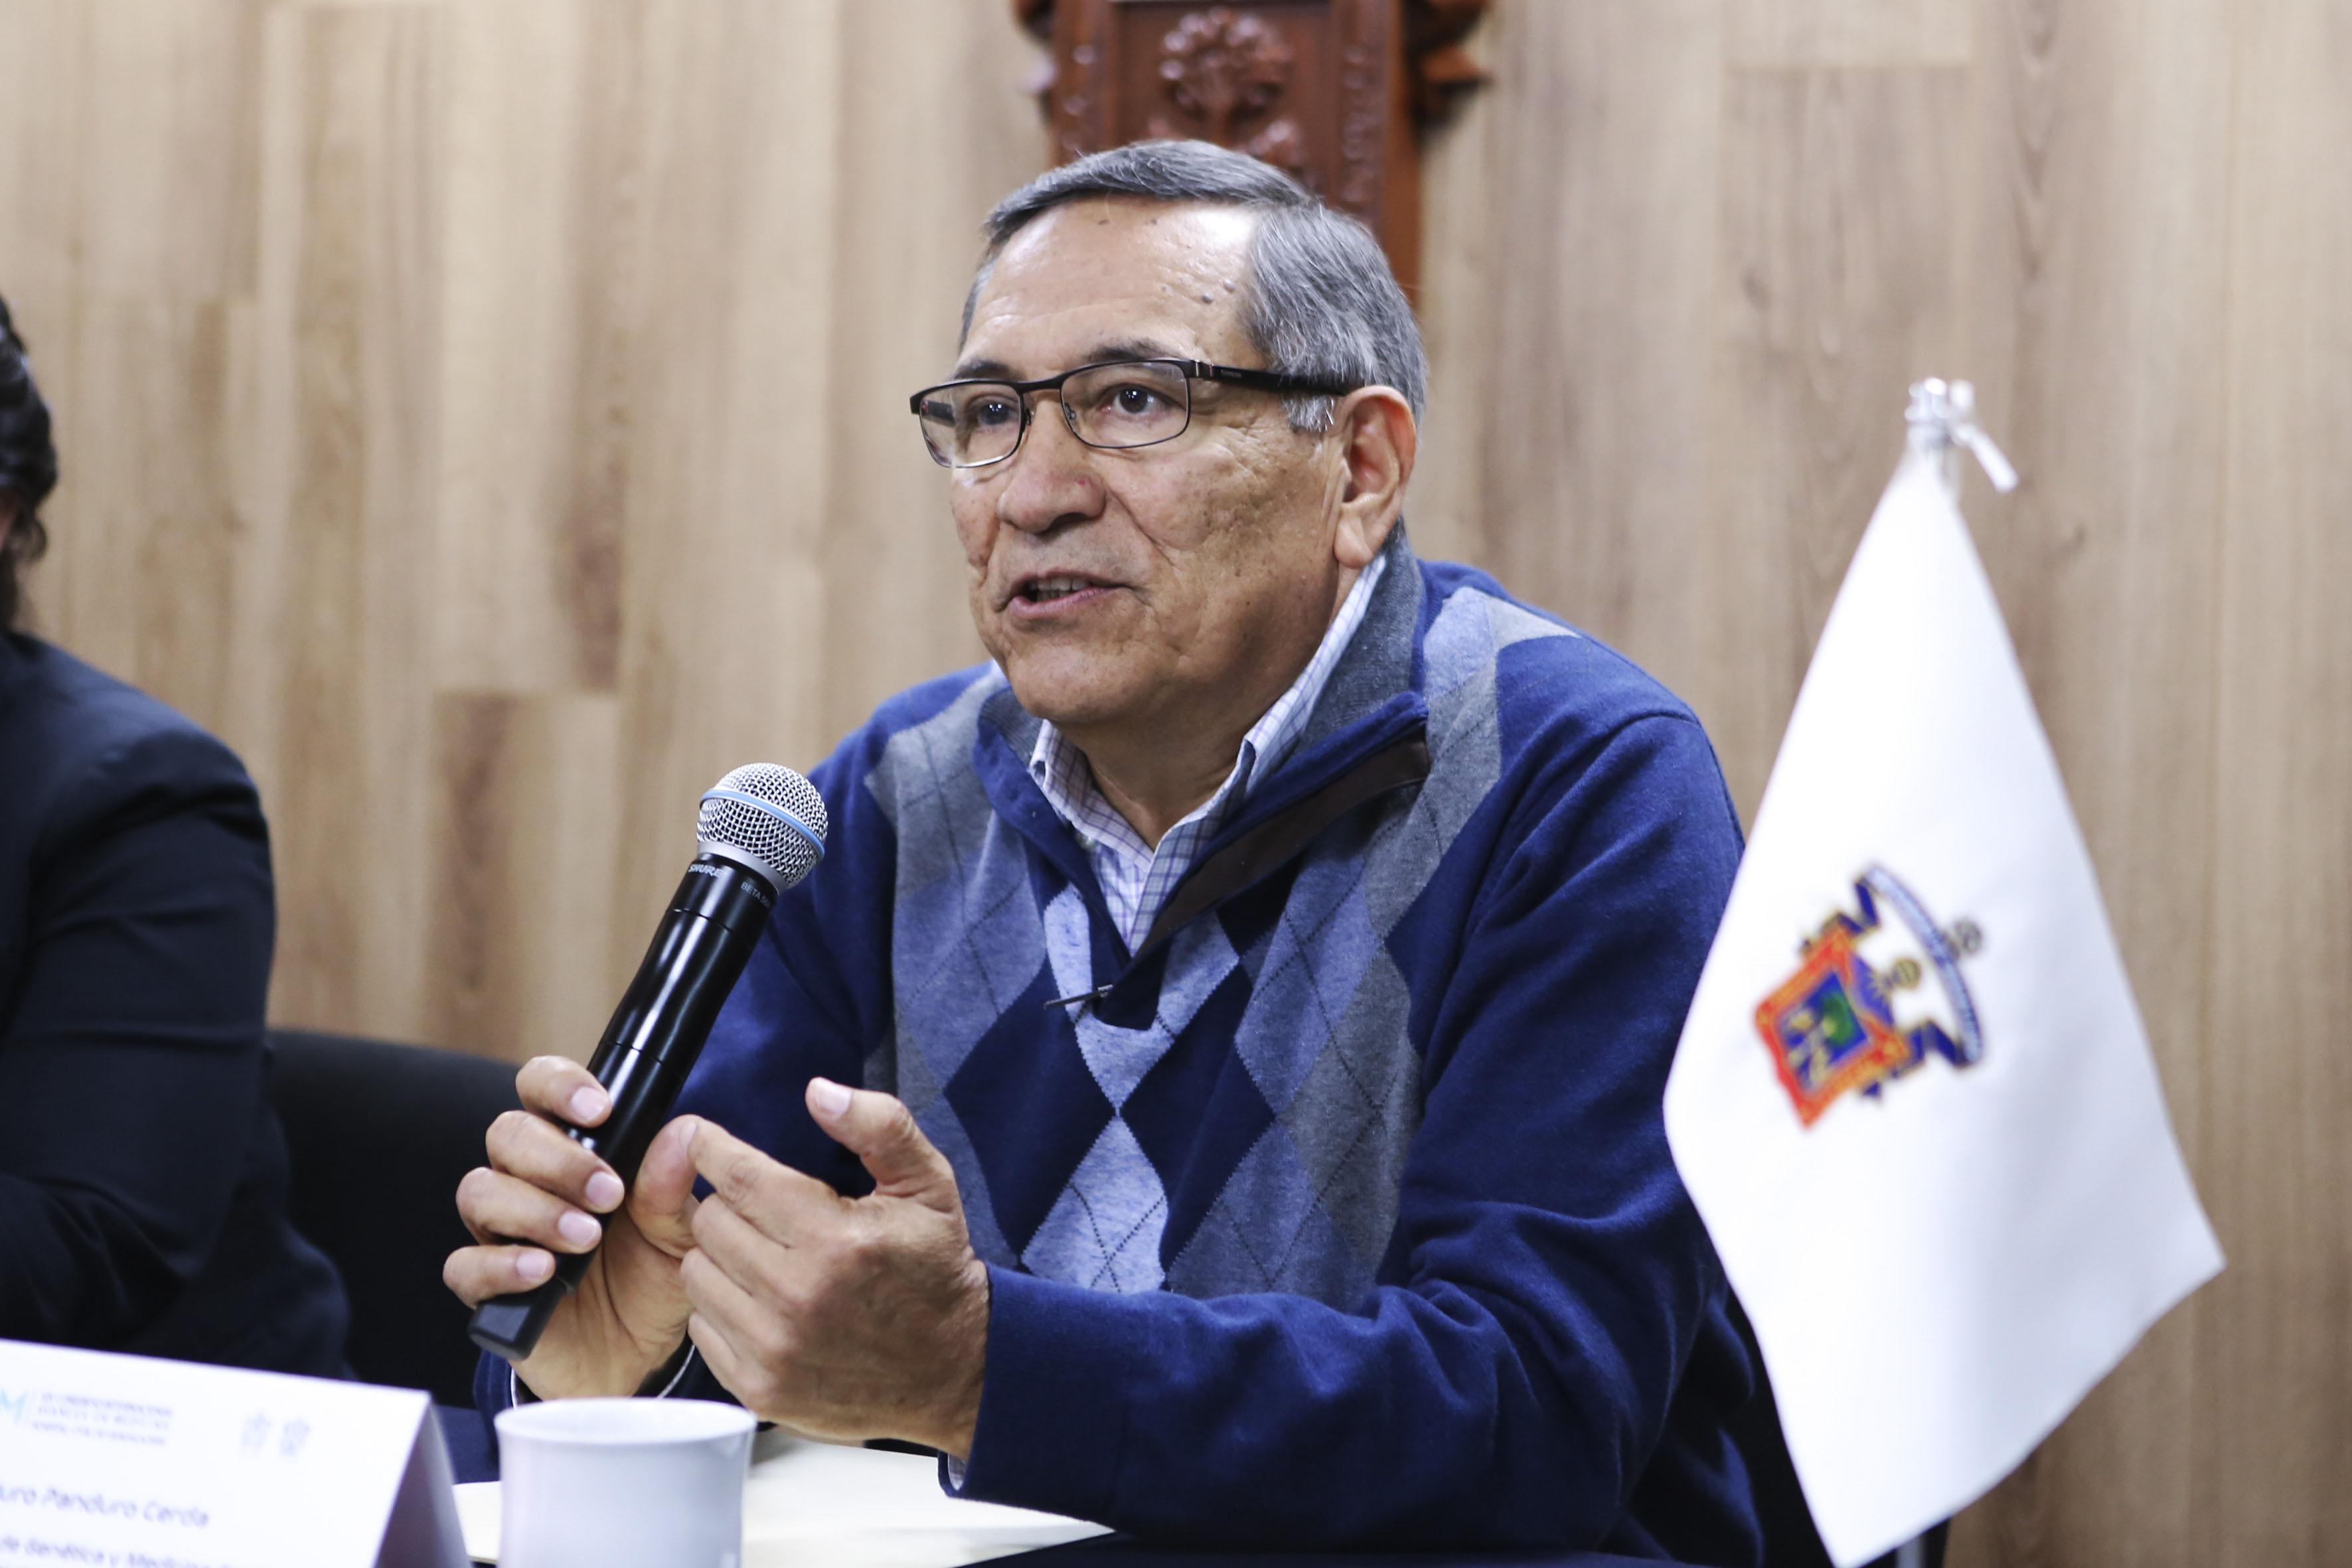 El doctor Arturo Panduro Cerda, coordinador del Módulo de Genética y Medicina Genómica del XIX Congreso Internacional Avances en Medicina (CIAM) 2017 del Hospital Civil de Guadalajara.